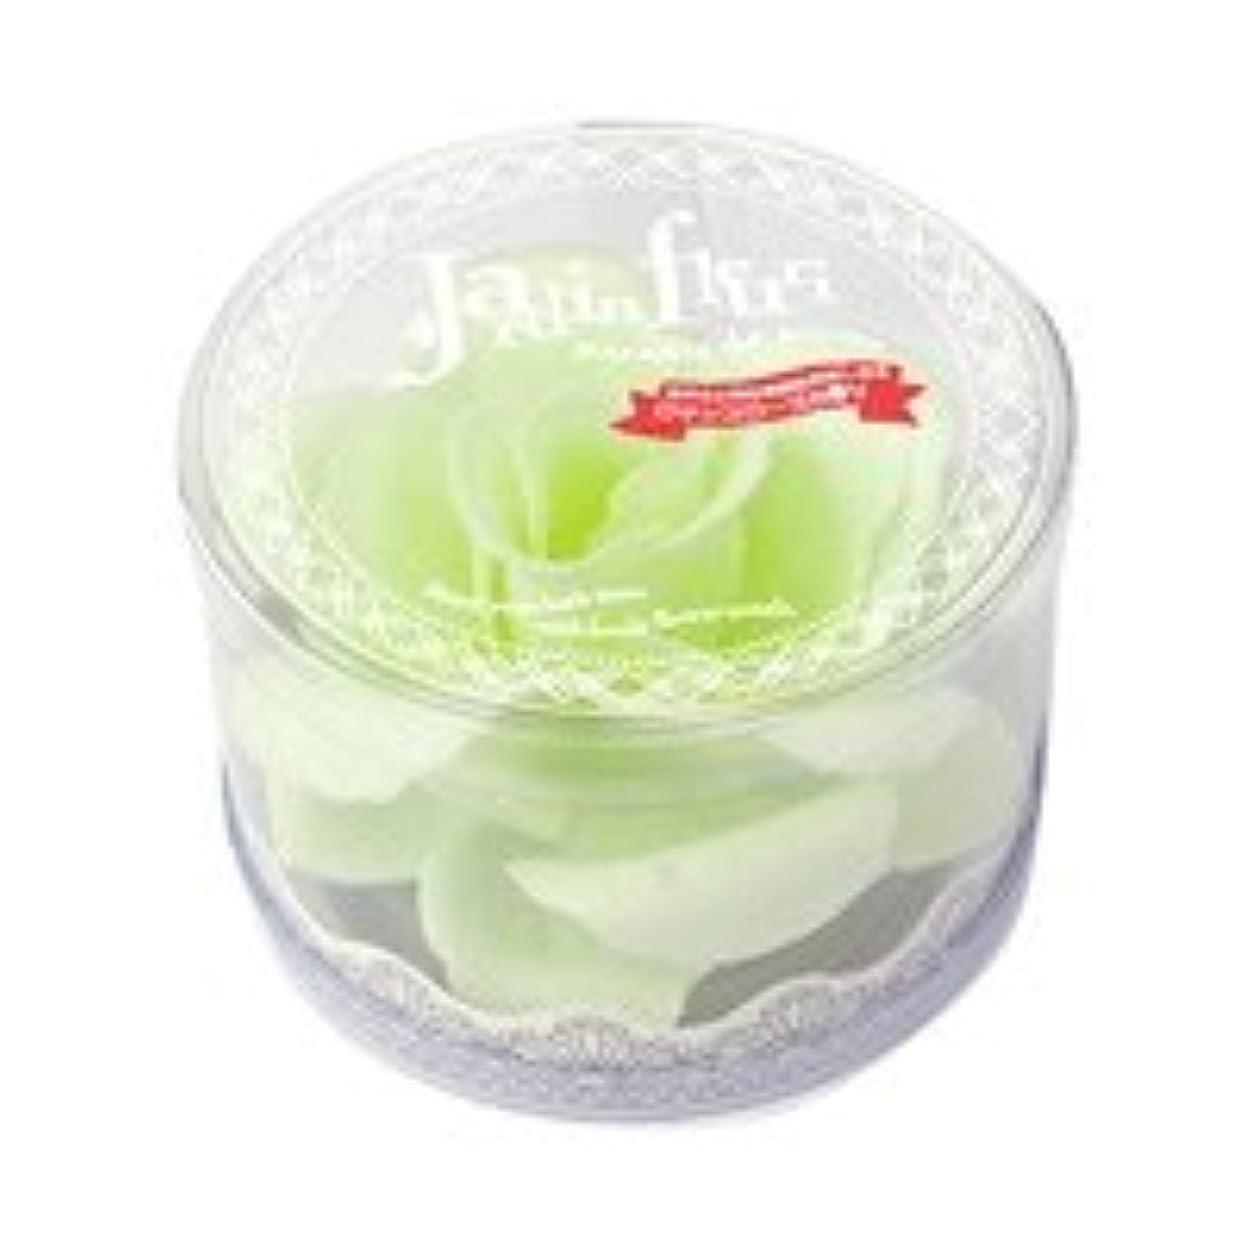 オーナーアシュリータファーマン逃すジャンダンフルリ バスペタル ボックス「ペール グリーン」6個セット ロマンスローズの香り